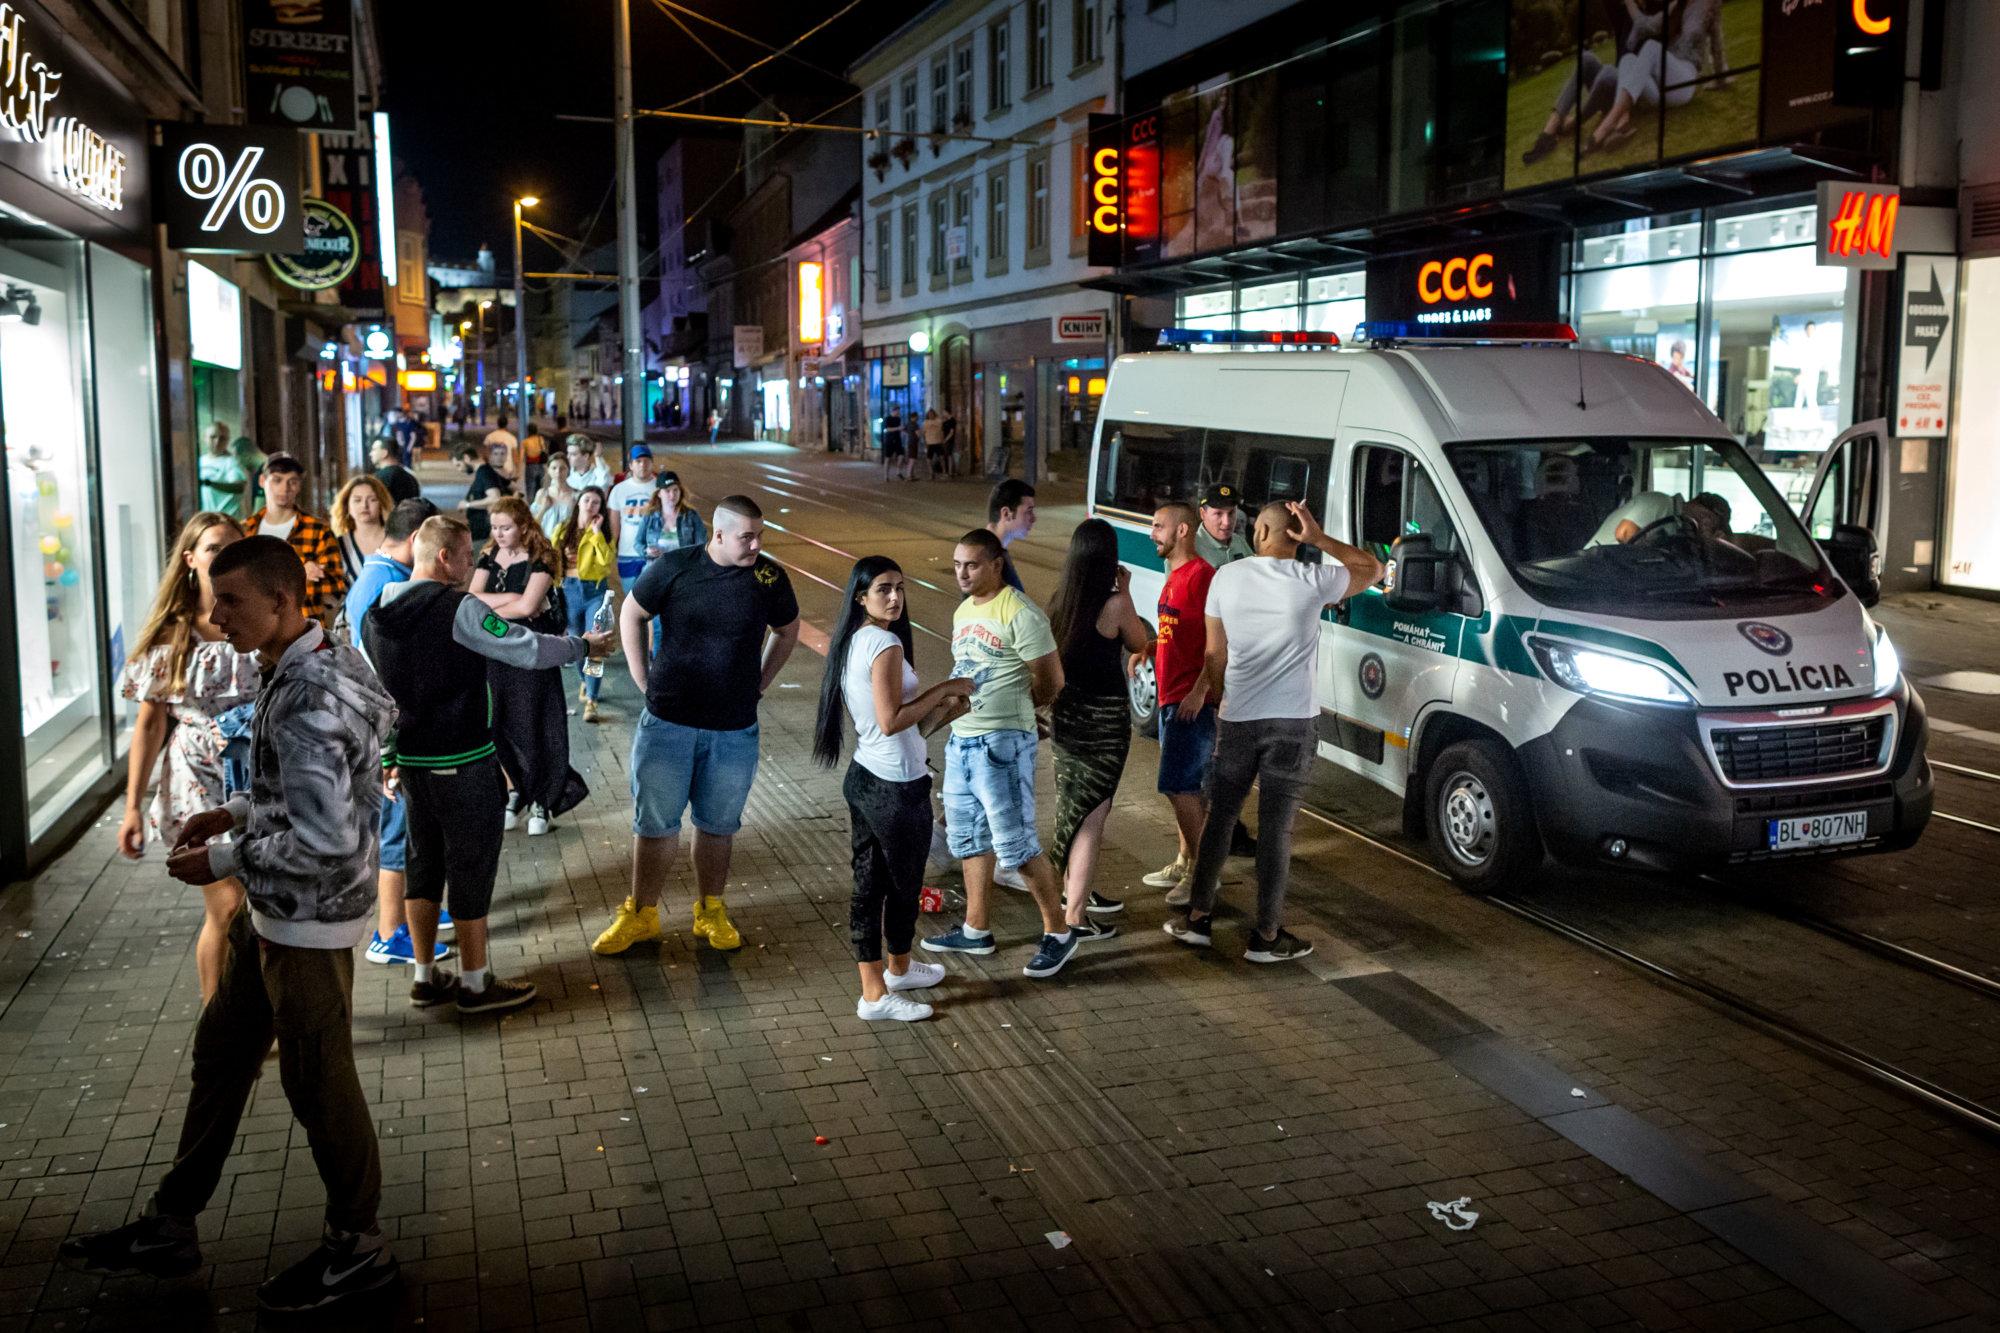 Obyvatelia chceli na Obchodnej karavan mestskej polície, mesto ani polícia to nepotvrdili – Denník N